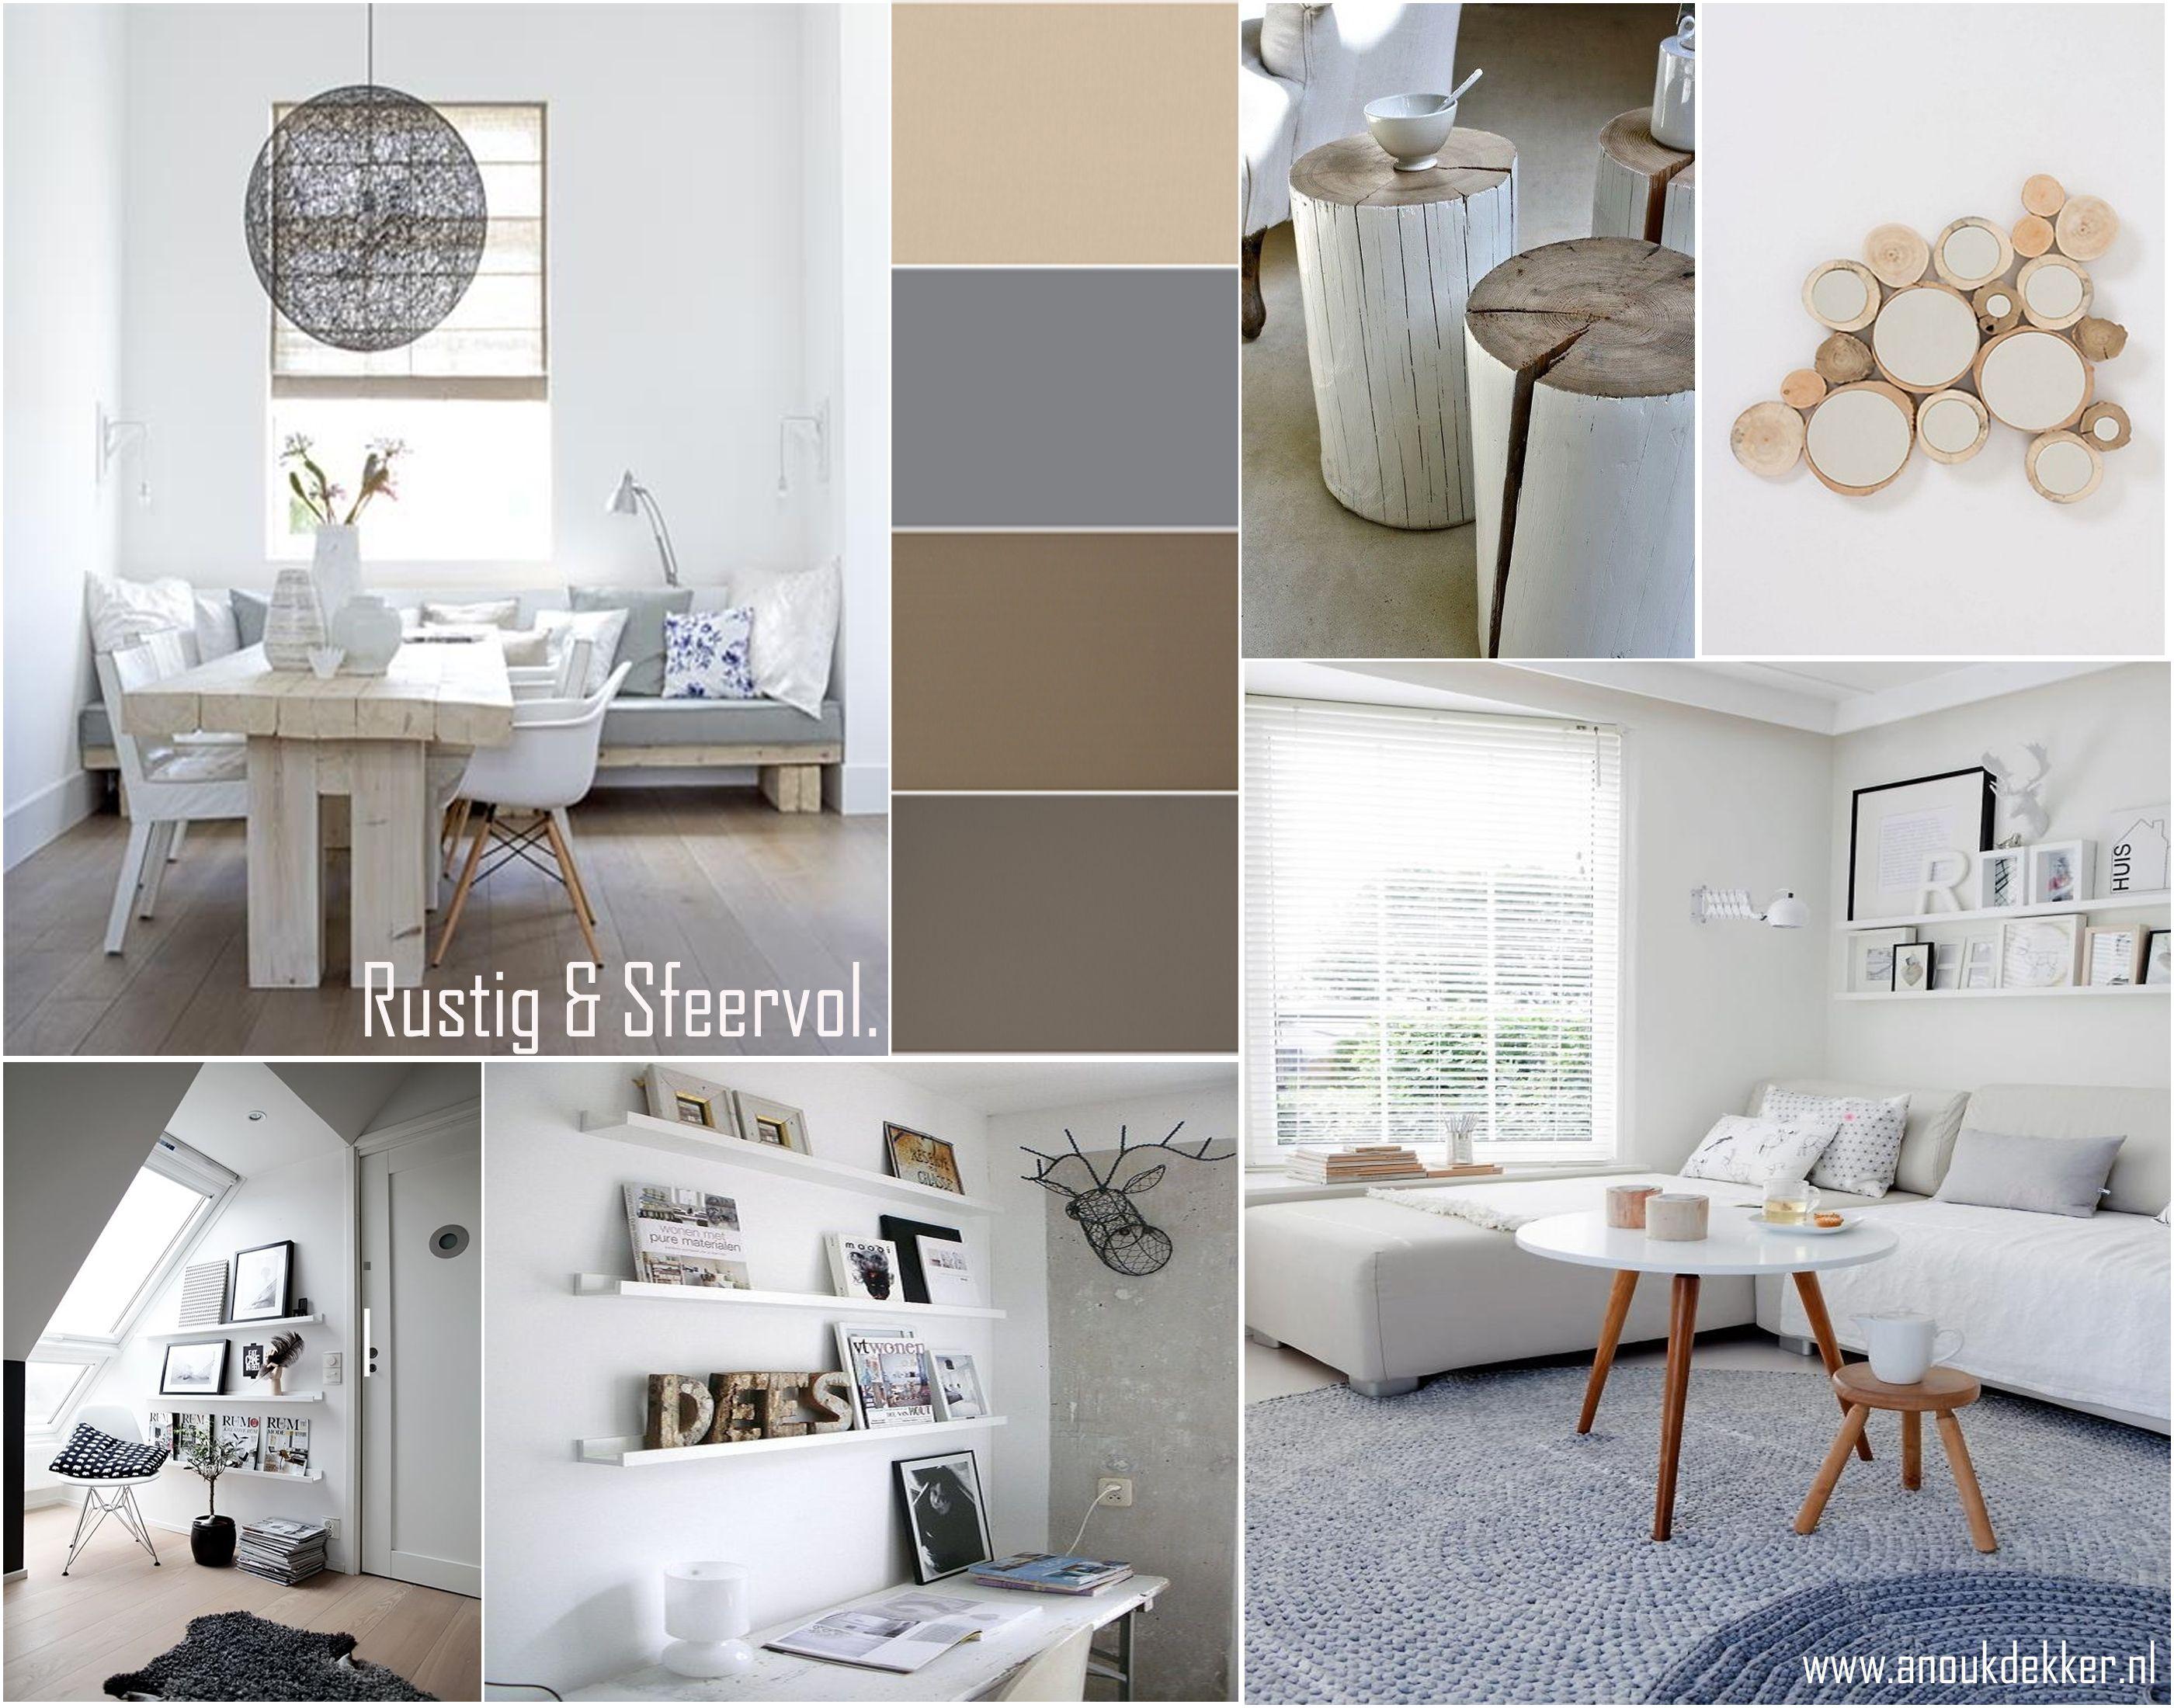 woonkamer kleuren - Google zoeken - slaapkamer | Pinterest ...